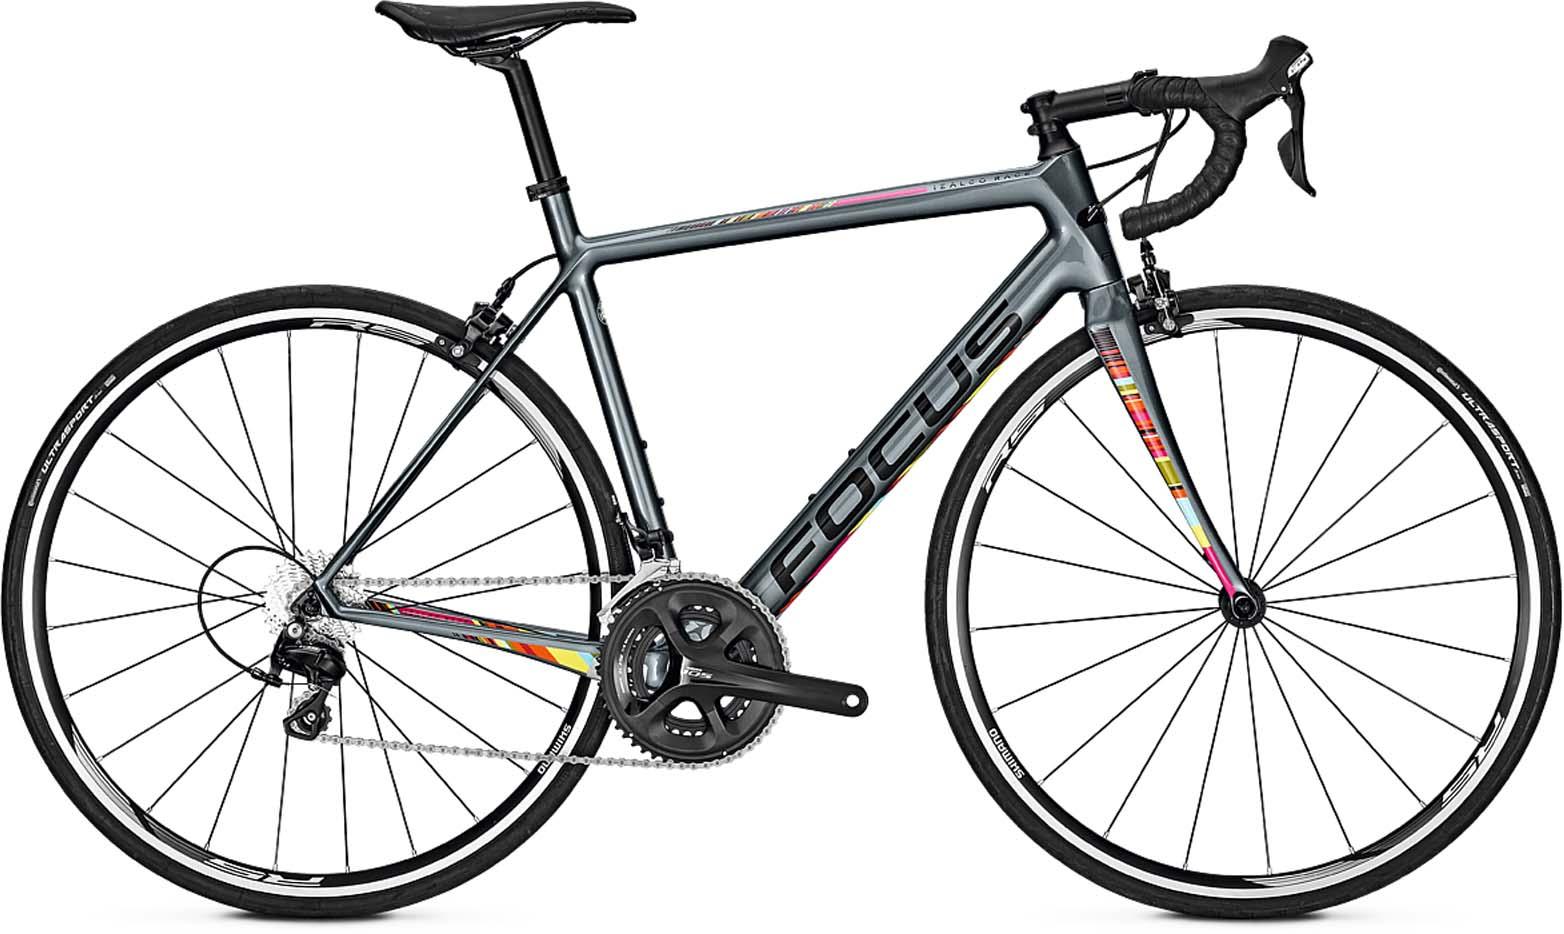 Vélo de course FOCUS Izalco Race 105 - Gris (mhw-bike.fr)